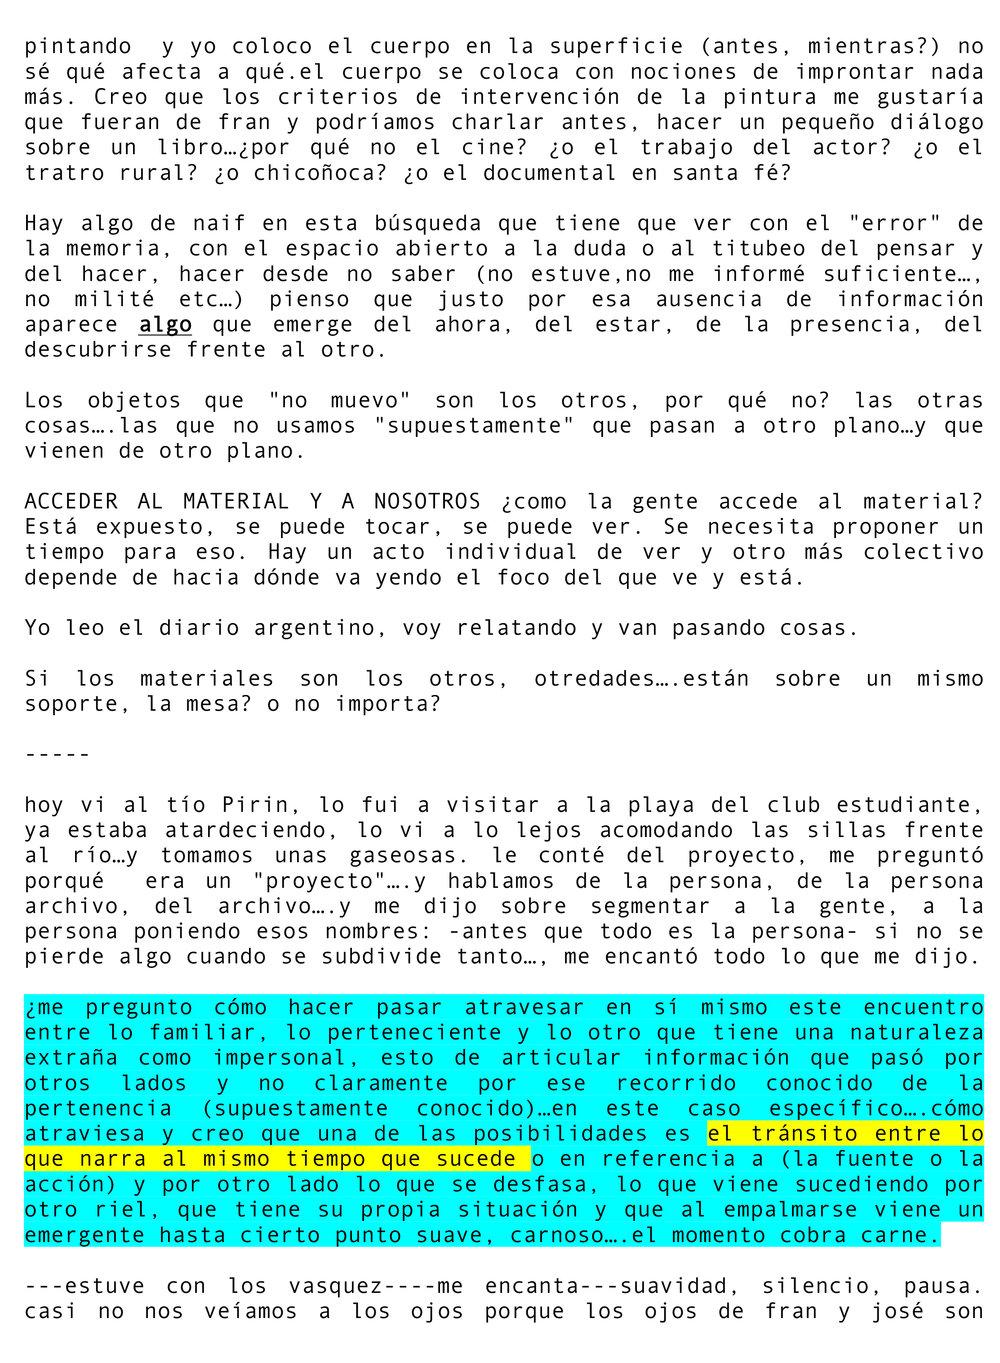 DIARIO_ARGENTINA-16.jpg